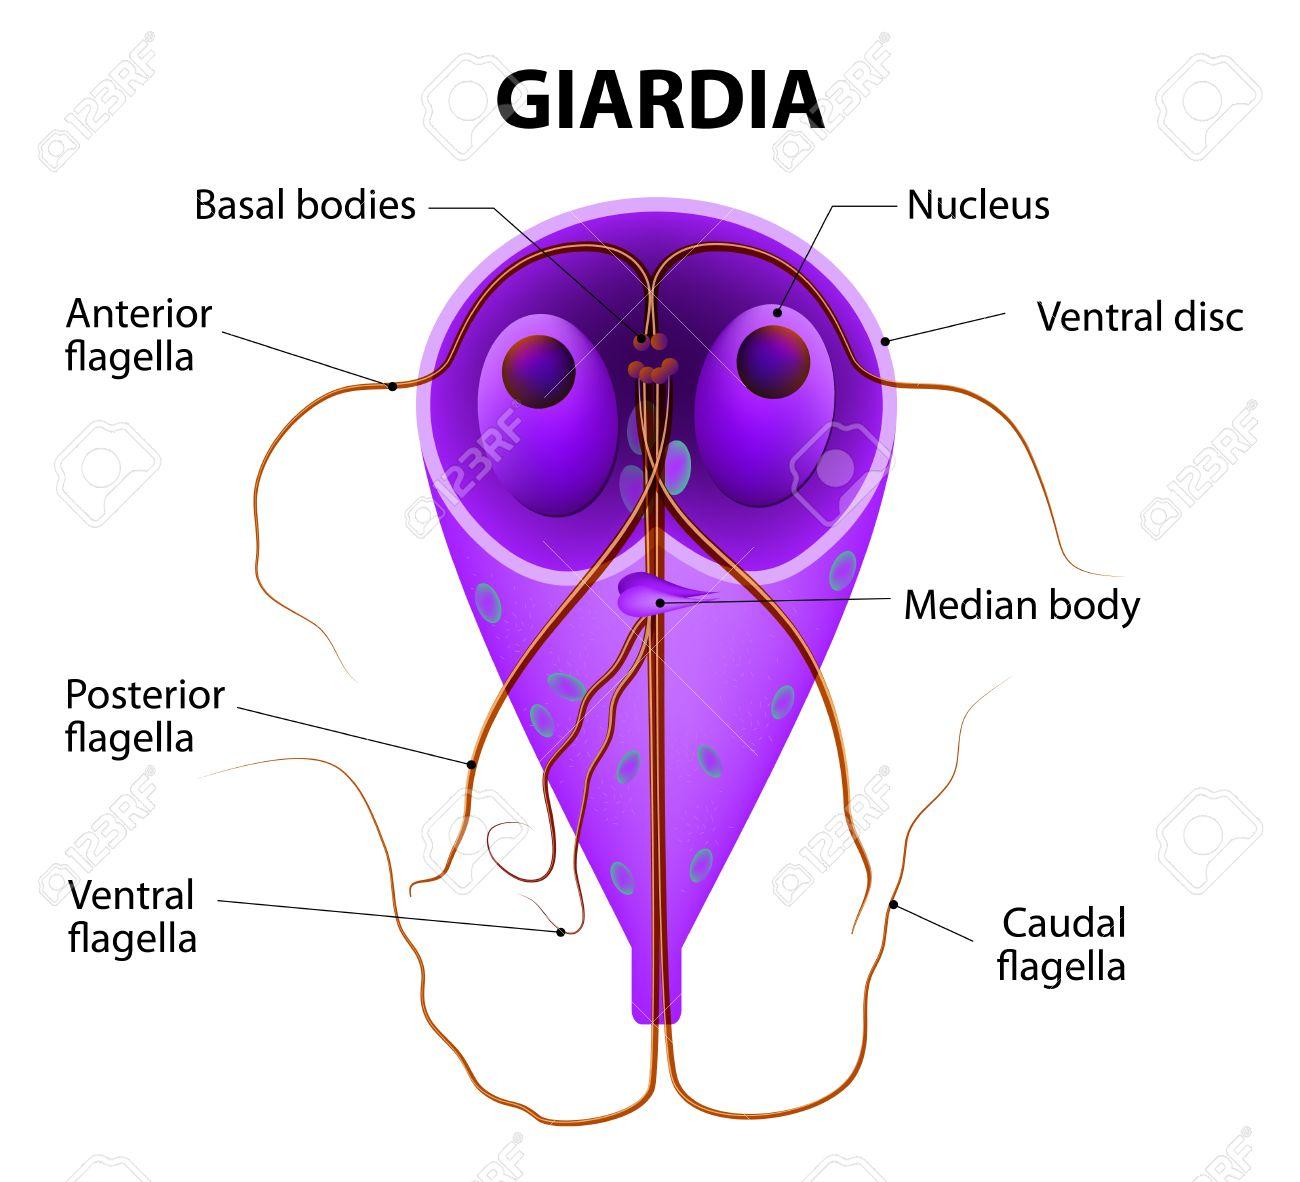 képek a giardia protozoákról